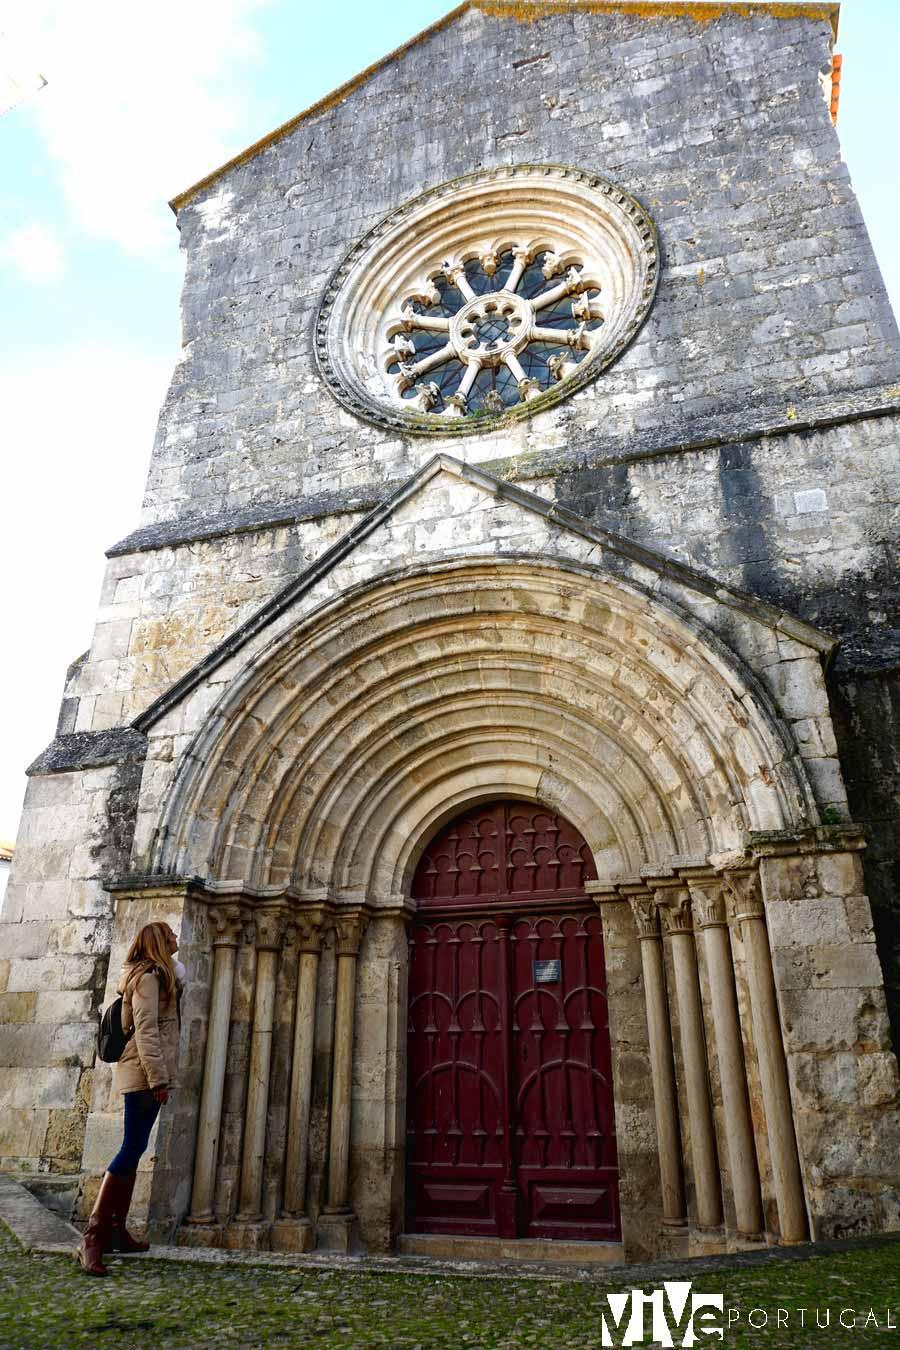 Iglesia románica de San Joao de Alporao que ver en Santarém